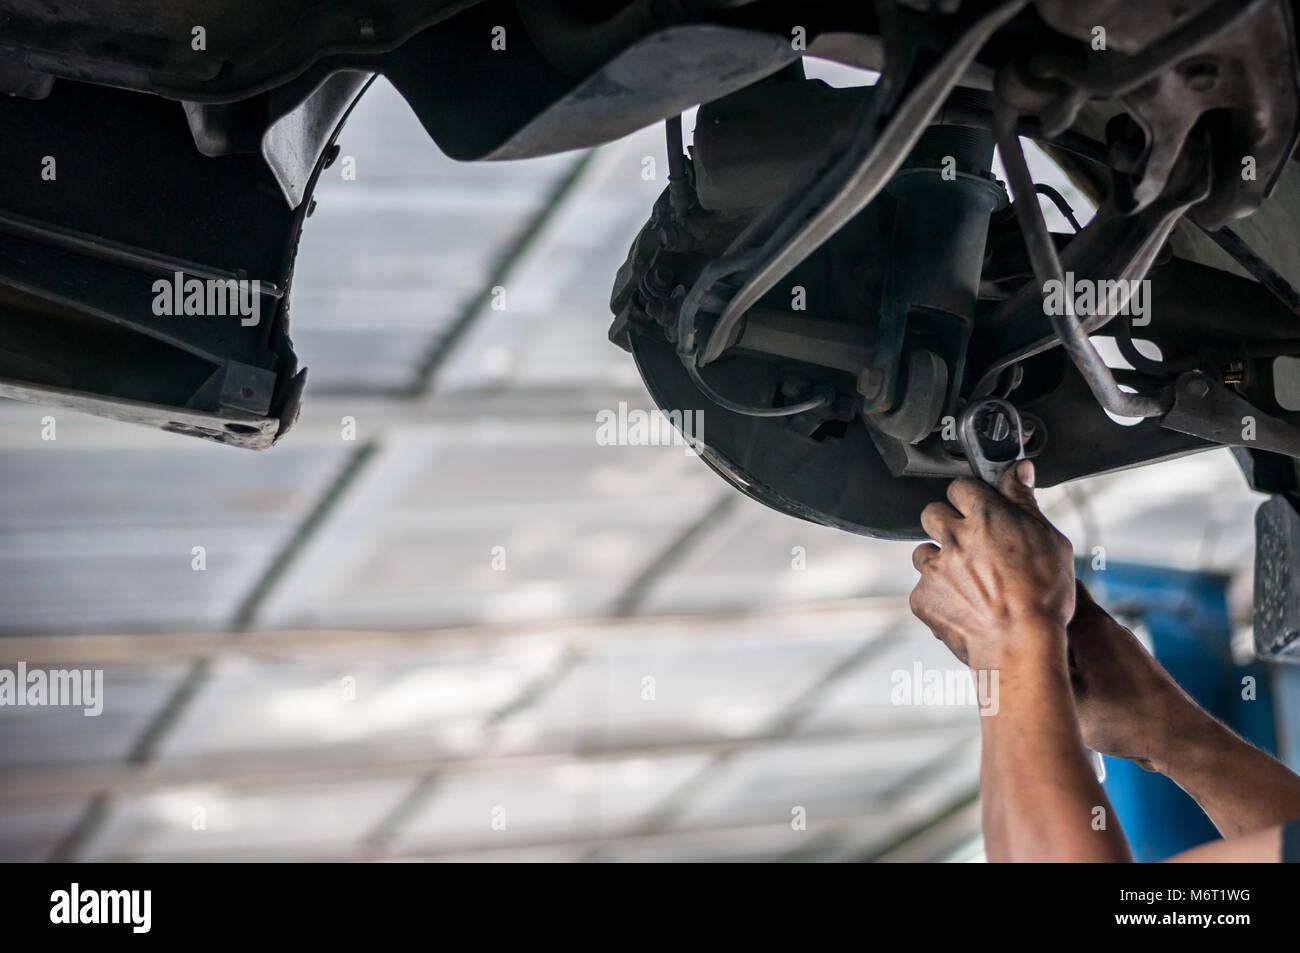 Auto meccanico controllo asiatico bush-bullone sotto doppio triangolo sospensione a mano con strumenti ascensore Immagini Stock